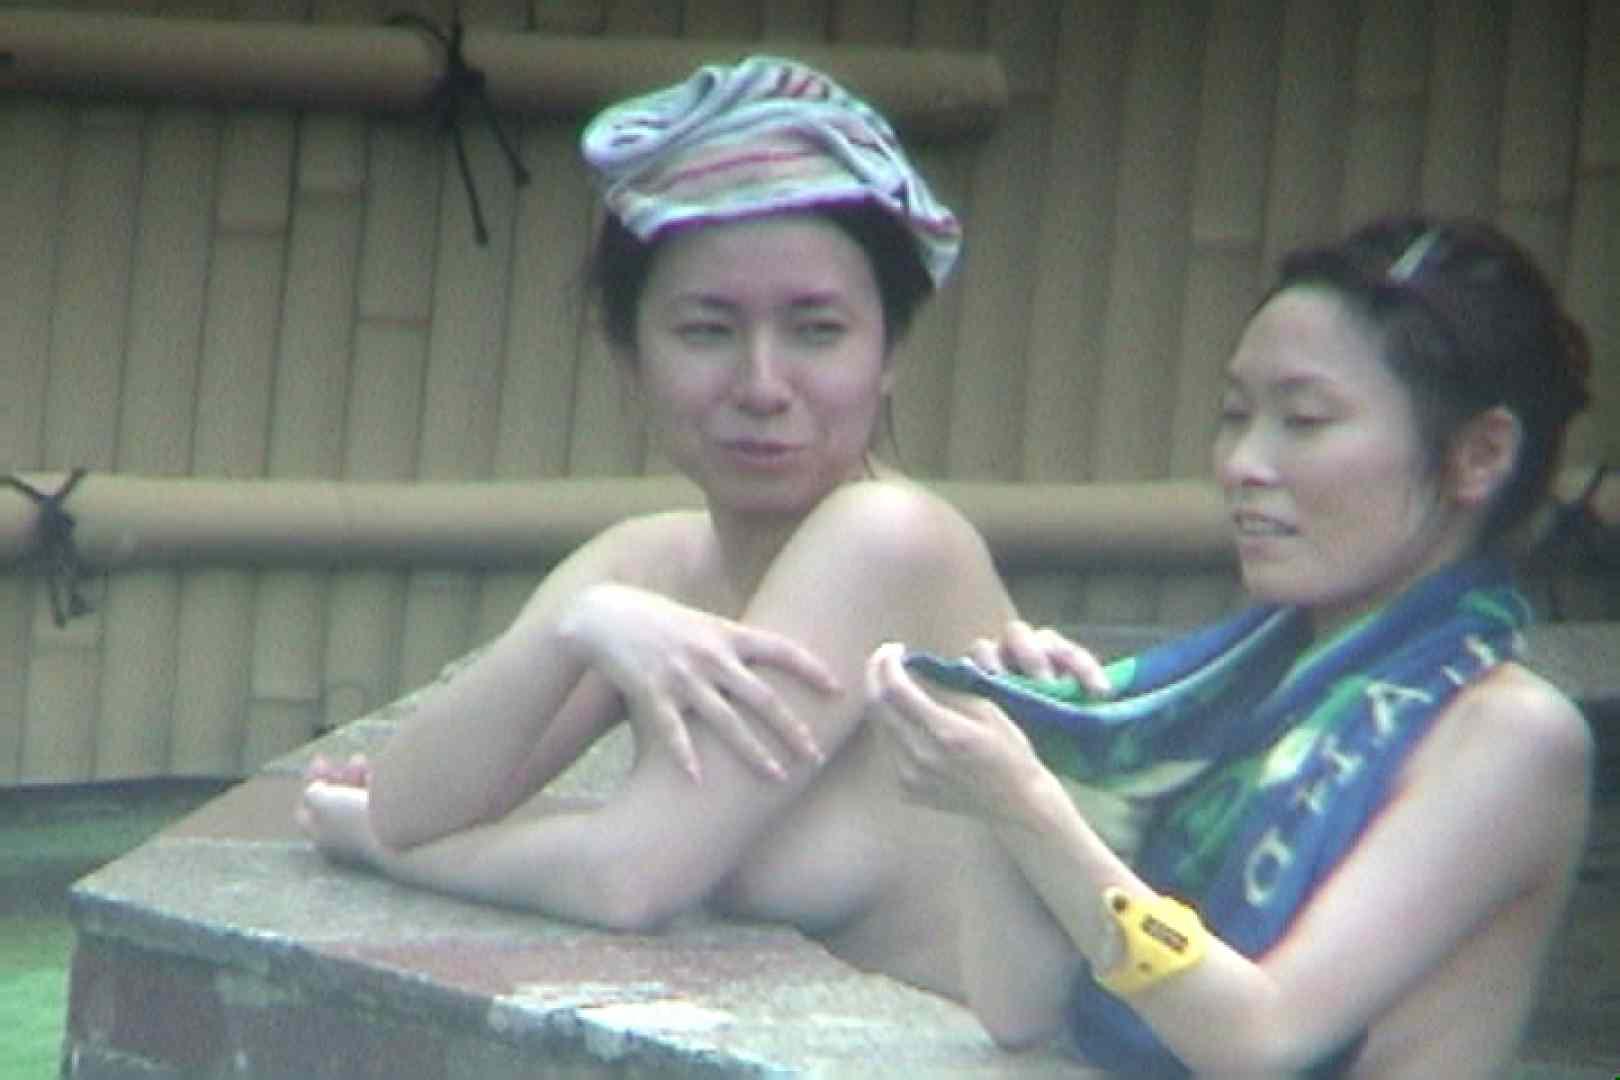 Aquaな露天風呂Vol.106 露天風呂 | 盗撮  68連発 22